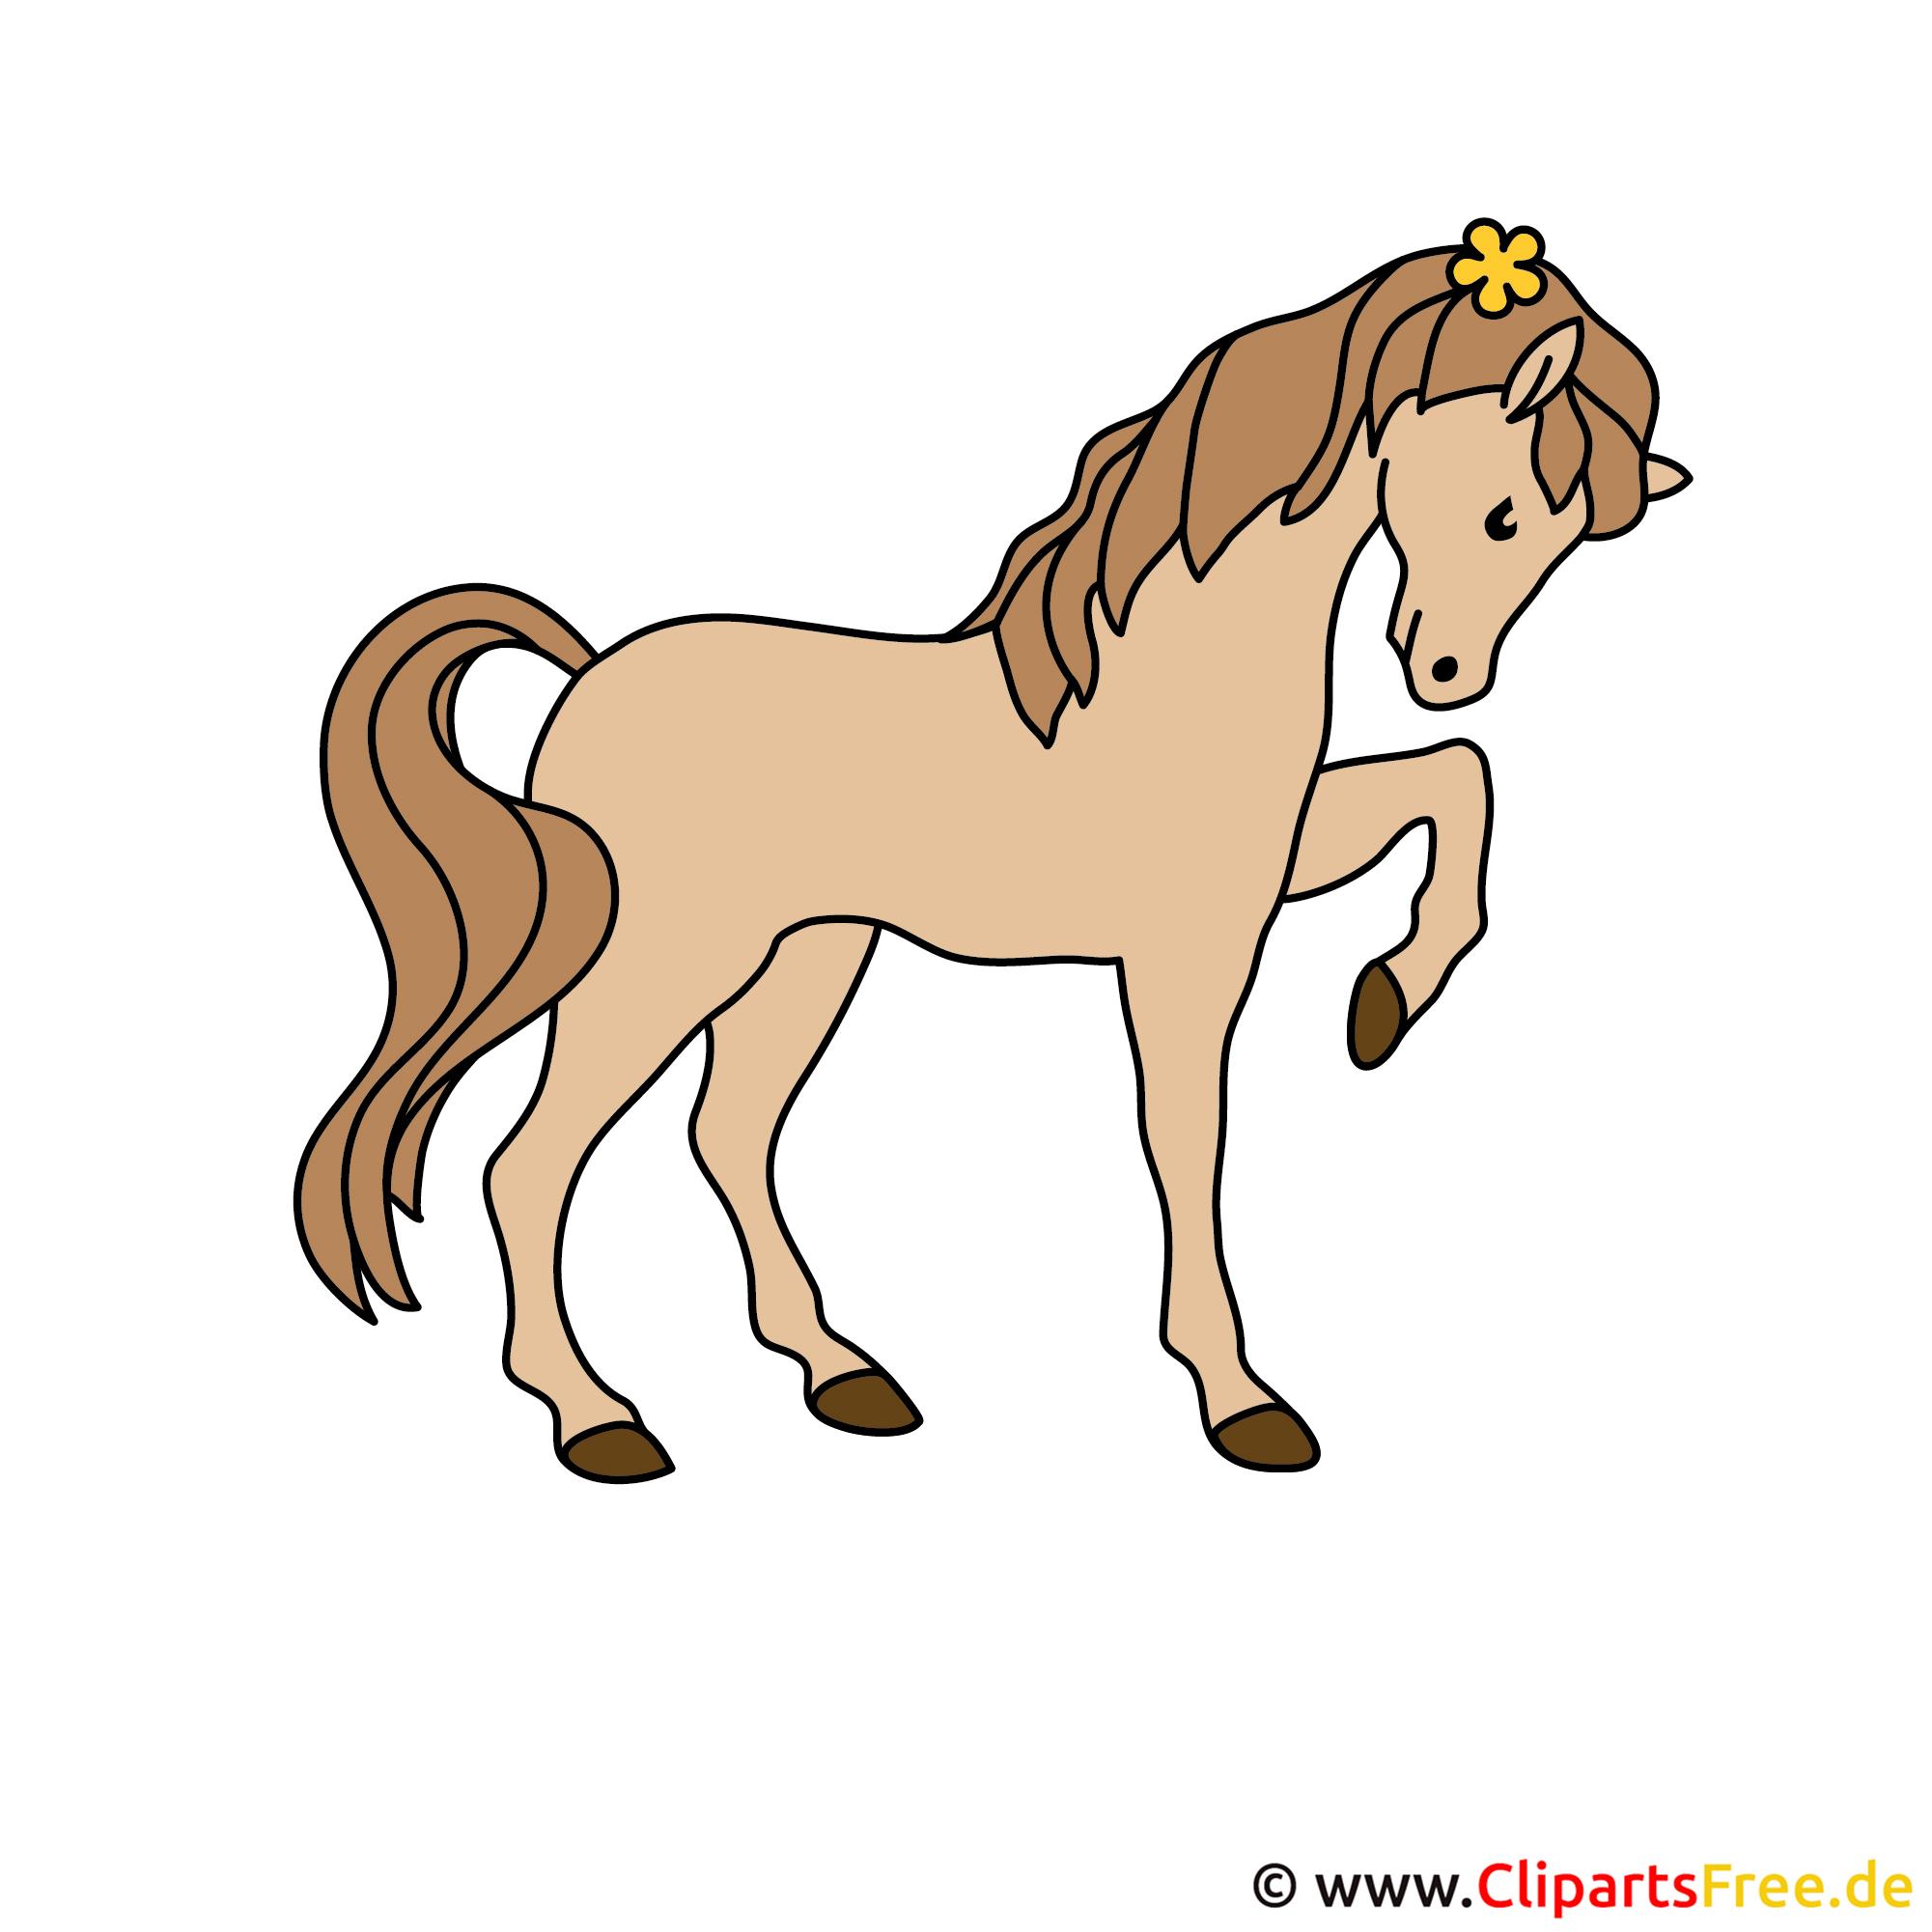 cartoon zeichnung pferd kostenlos cartoon animal clip art cartoon animal clip art free